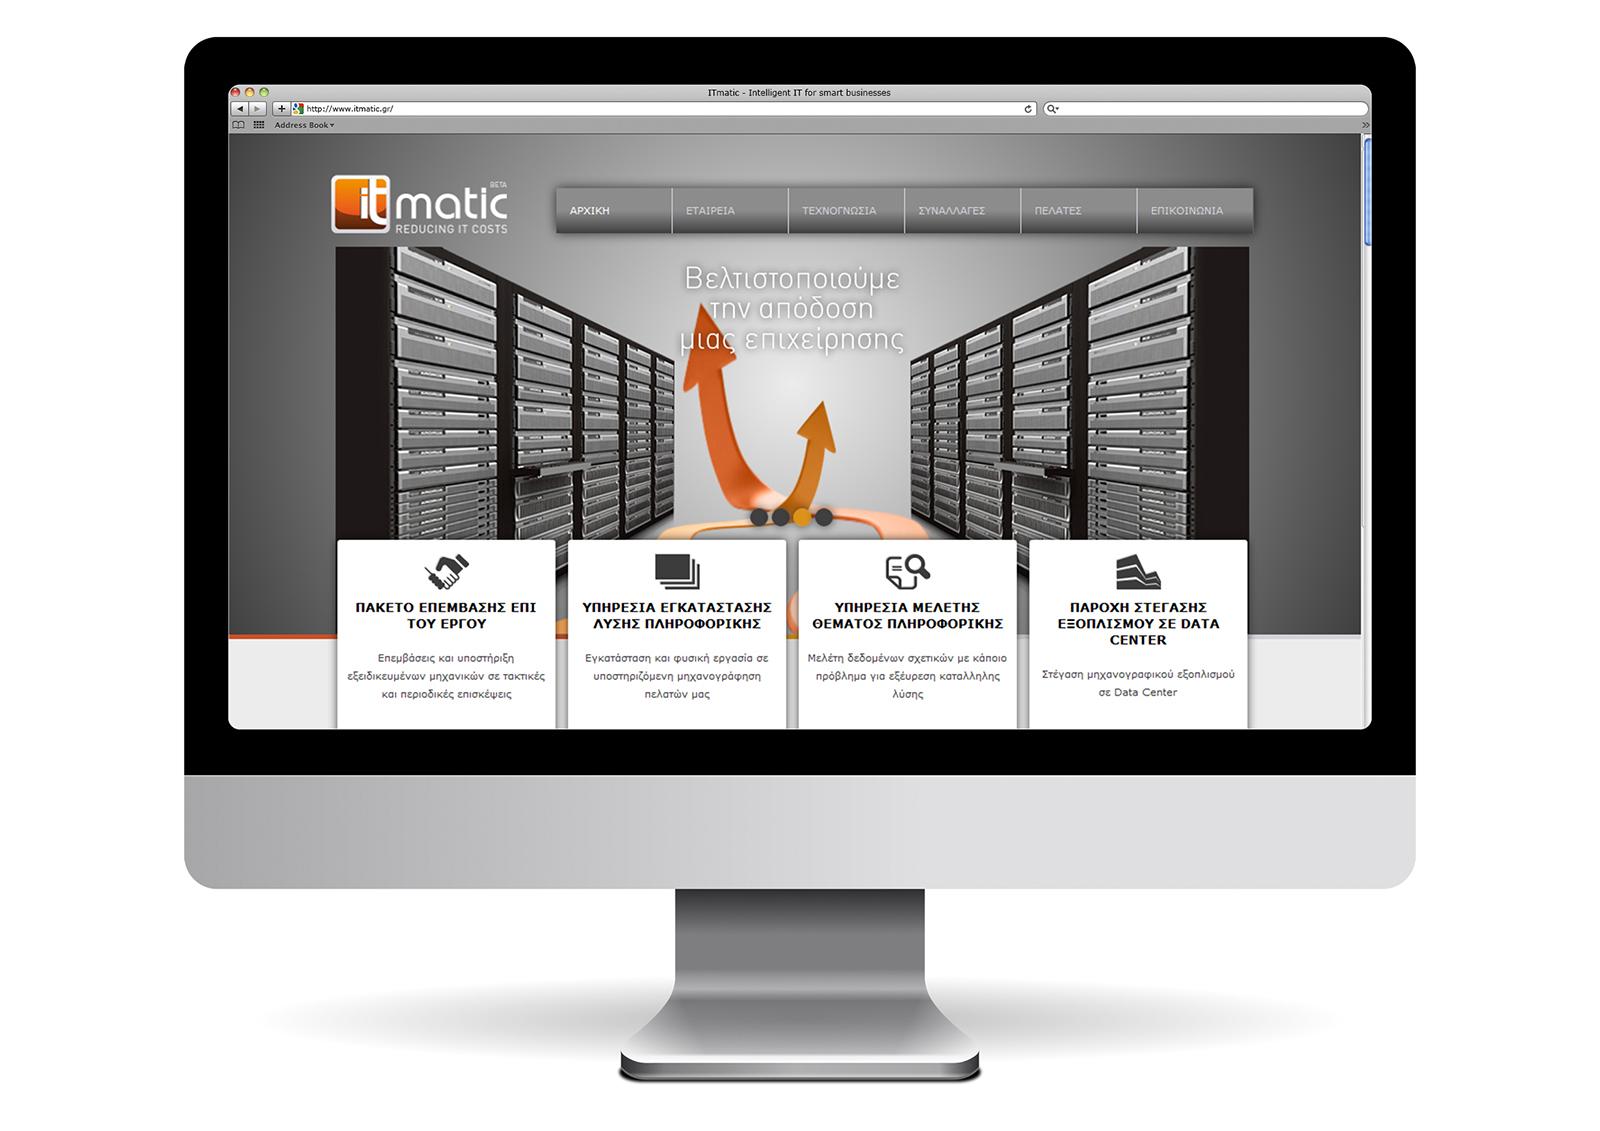 ITmatic_web site_homepage_yianart